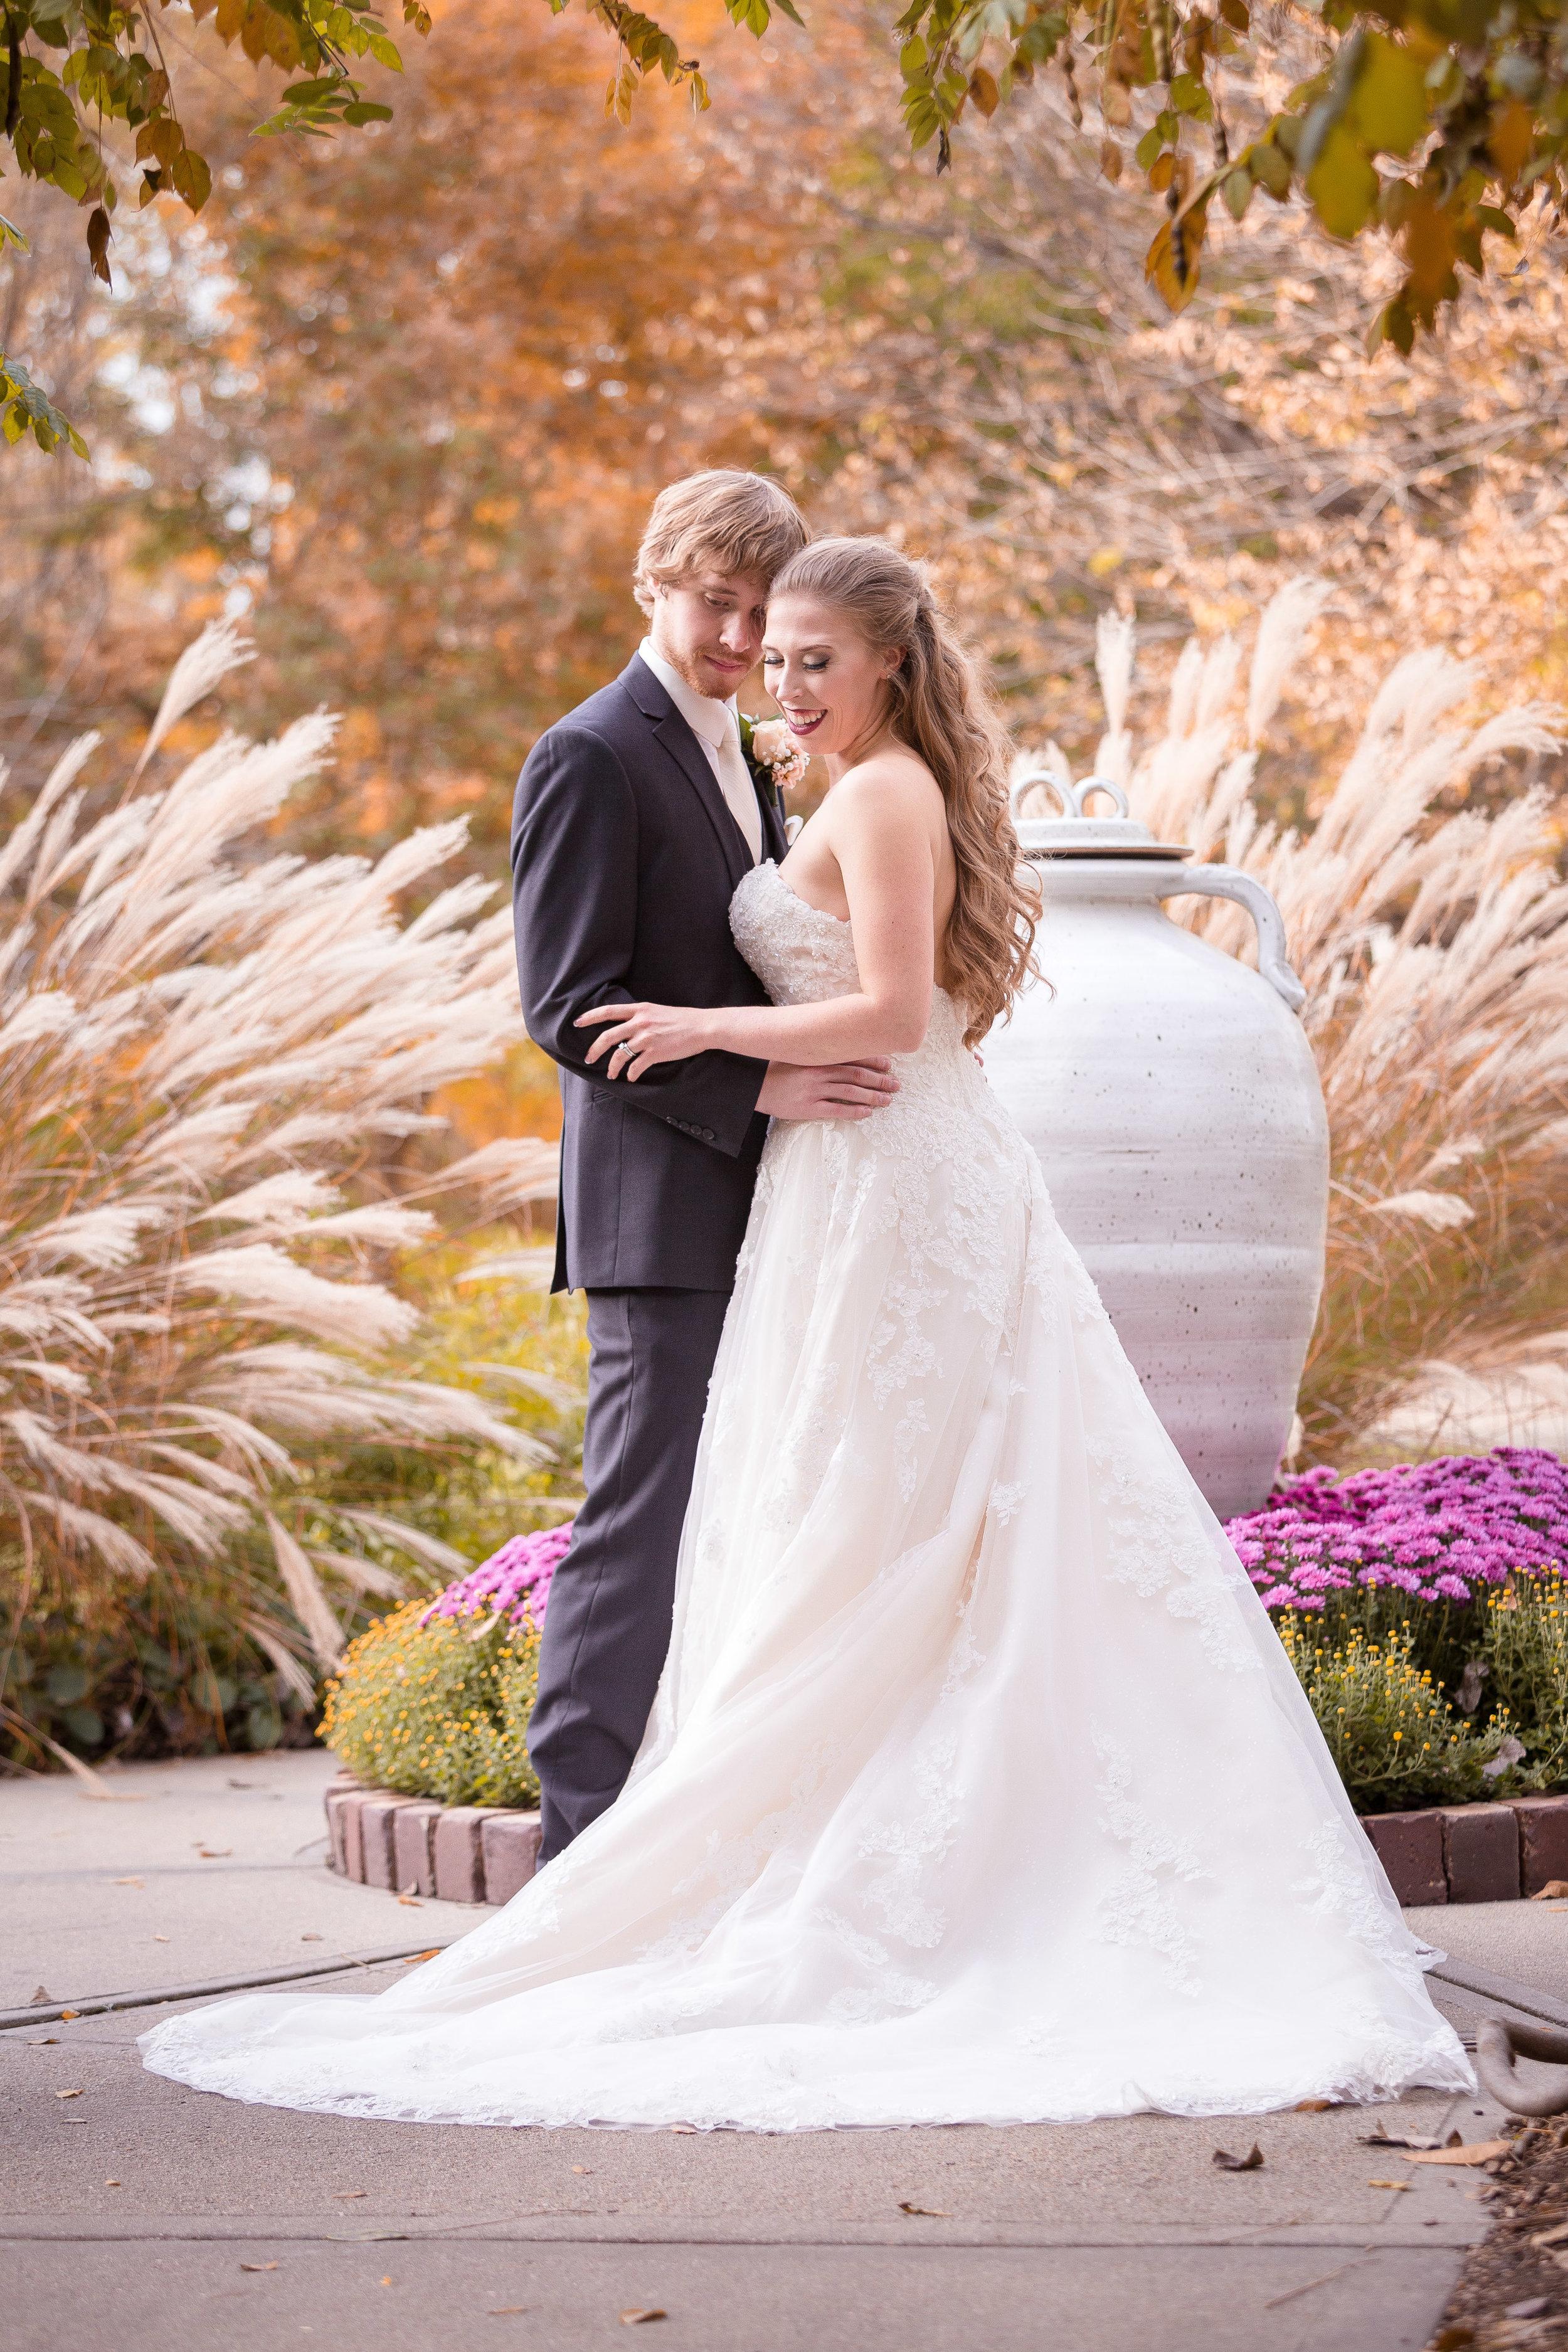 C_Wedding_Spellman, Megan & Tyler_10.27.18-804.JPG